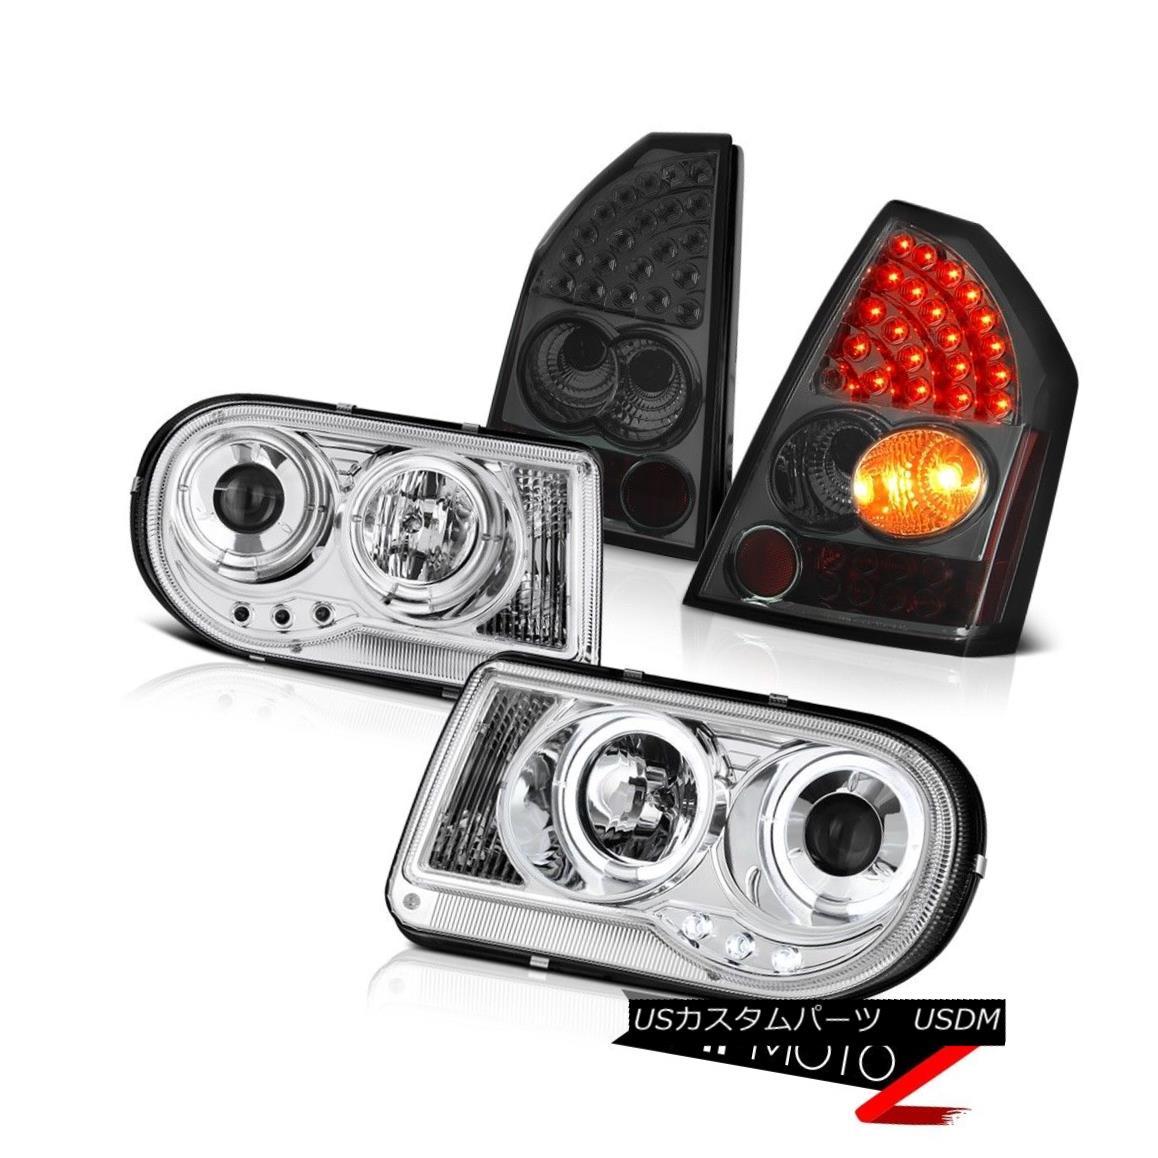 テールライト 05-07 Chrysler 300C 6.1L [Brightest] Projector Headlights L.E.D Tail Light Smoke 05-07クライスラー300C 6.1L [明るい]プロジェクターヘッドライトL.E.Dテールライトスモーク